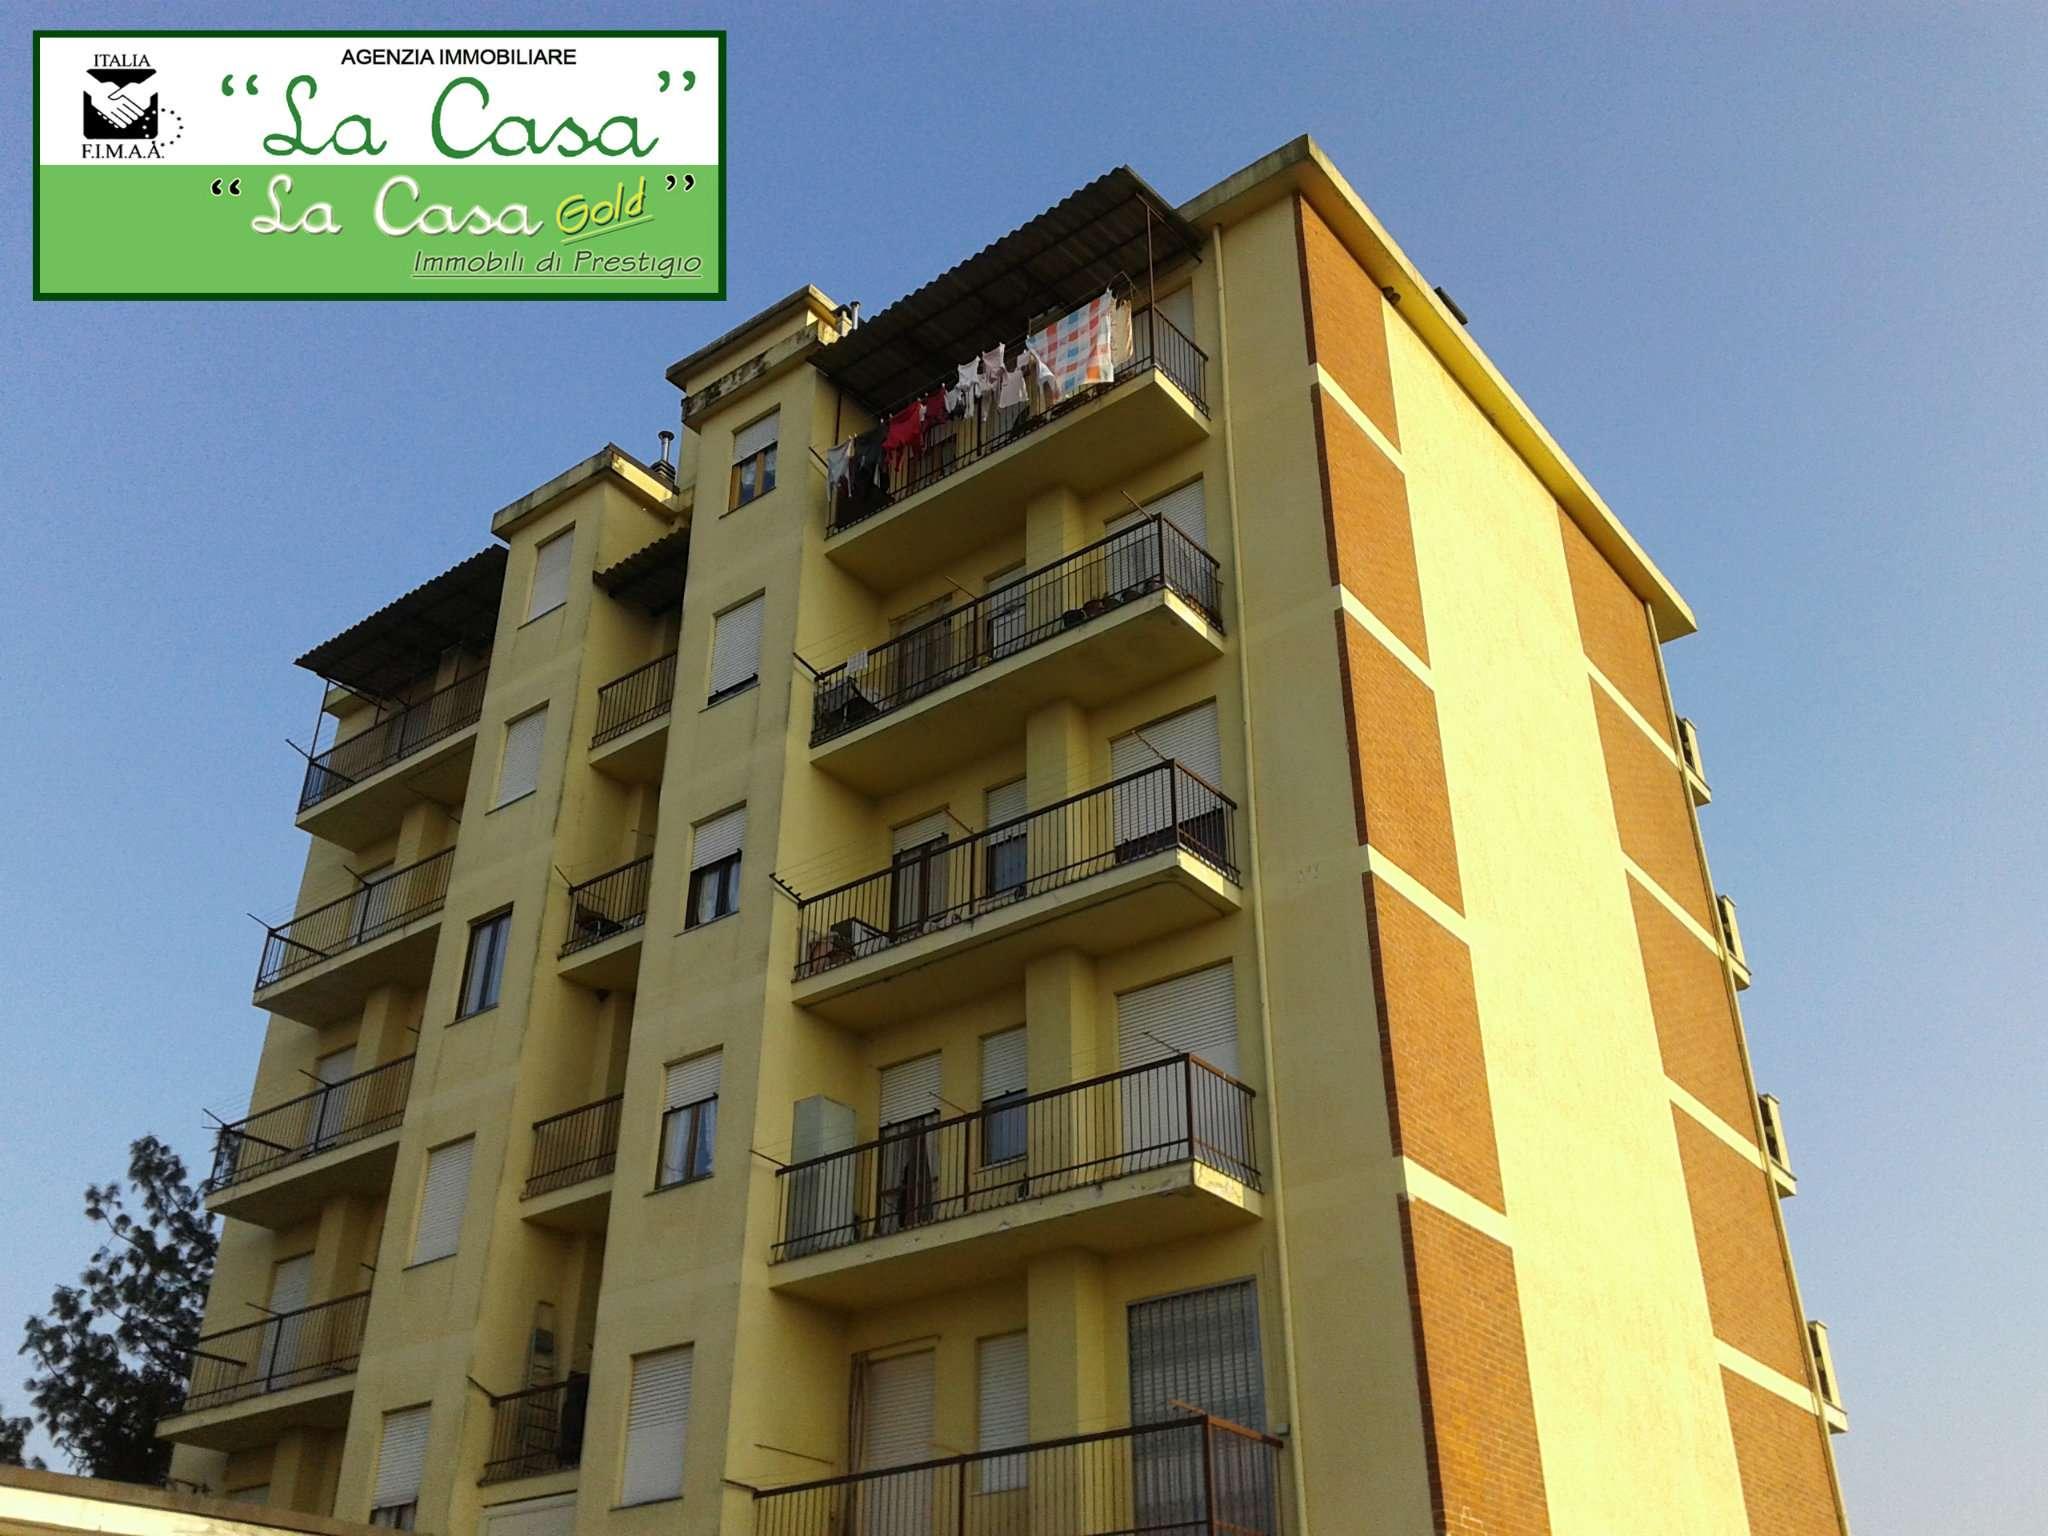 Appartamento in vendita a Dusino San Michele, 9999 locali, prezzo € 100.000   CambioCasa.it